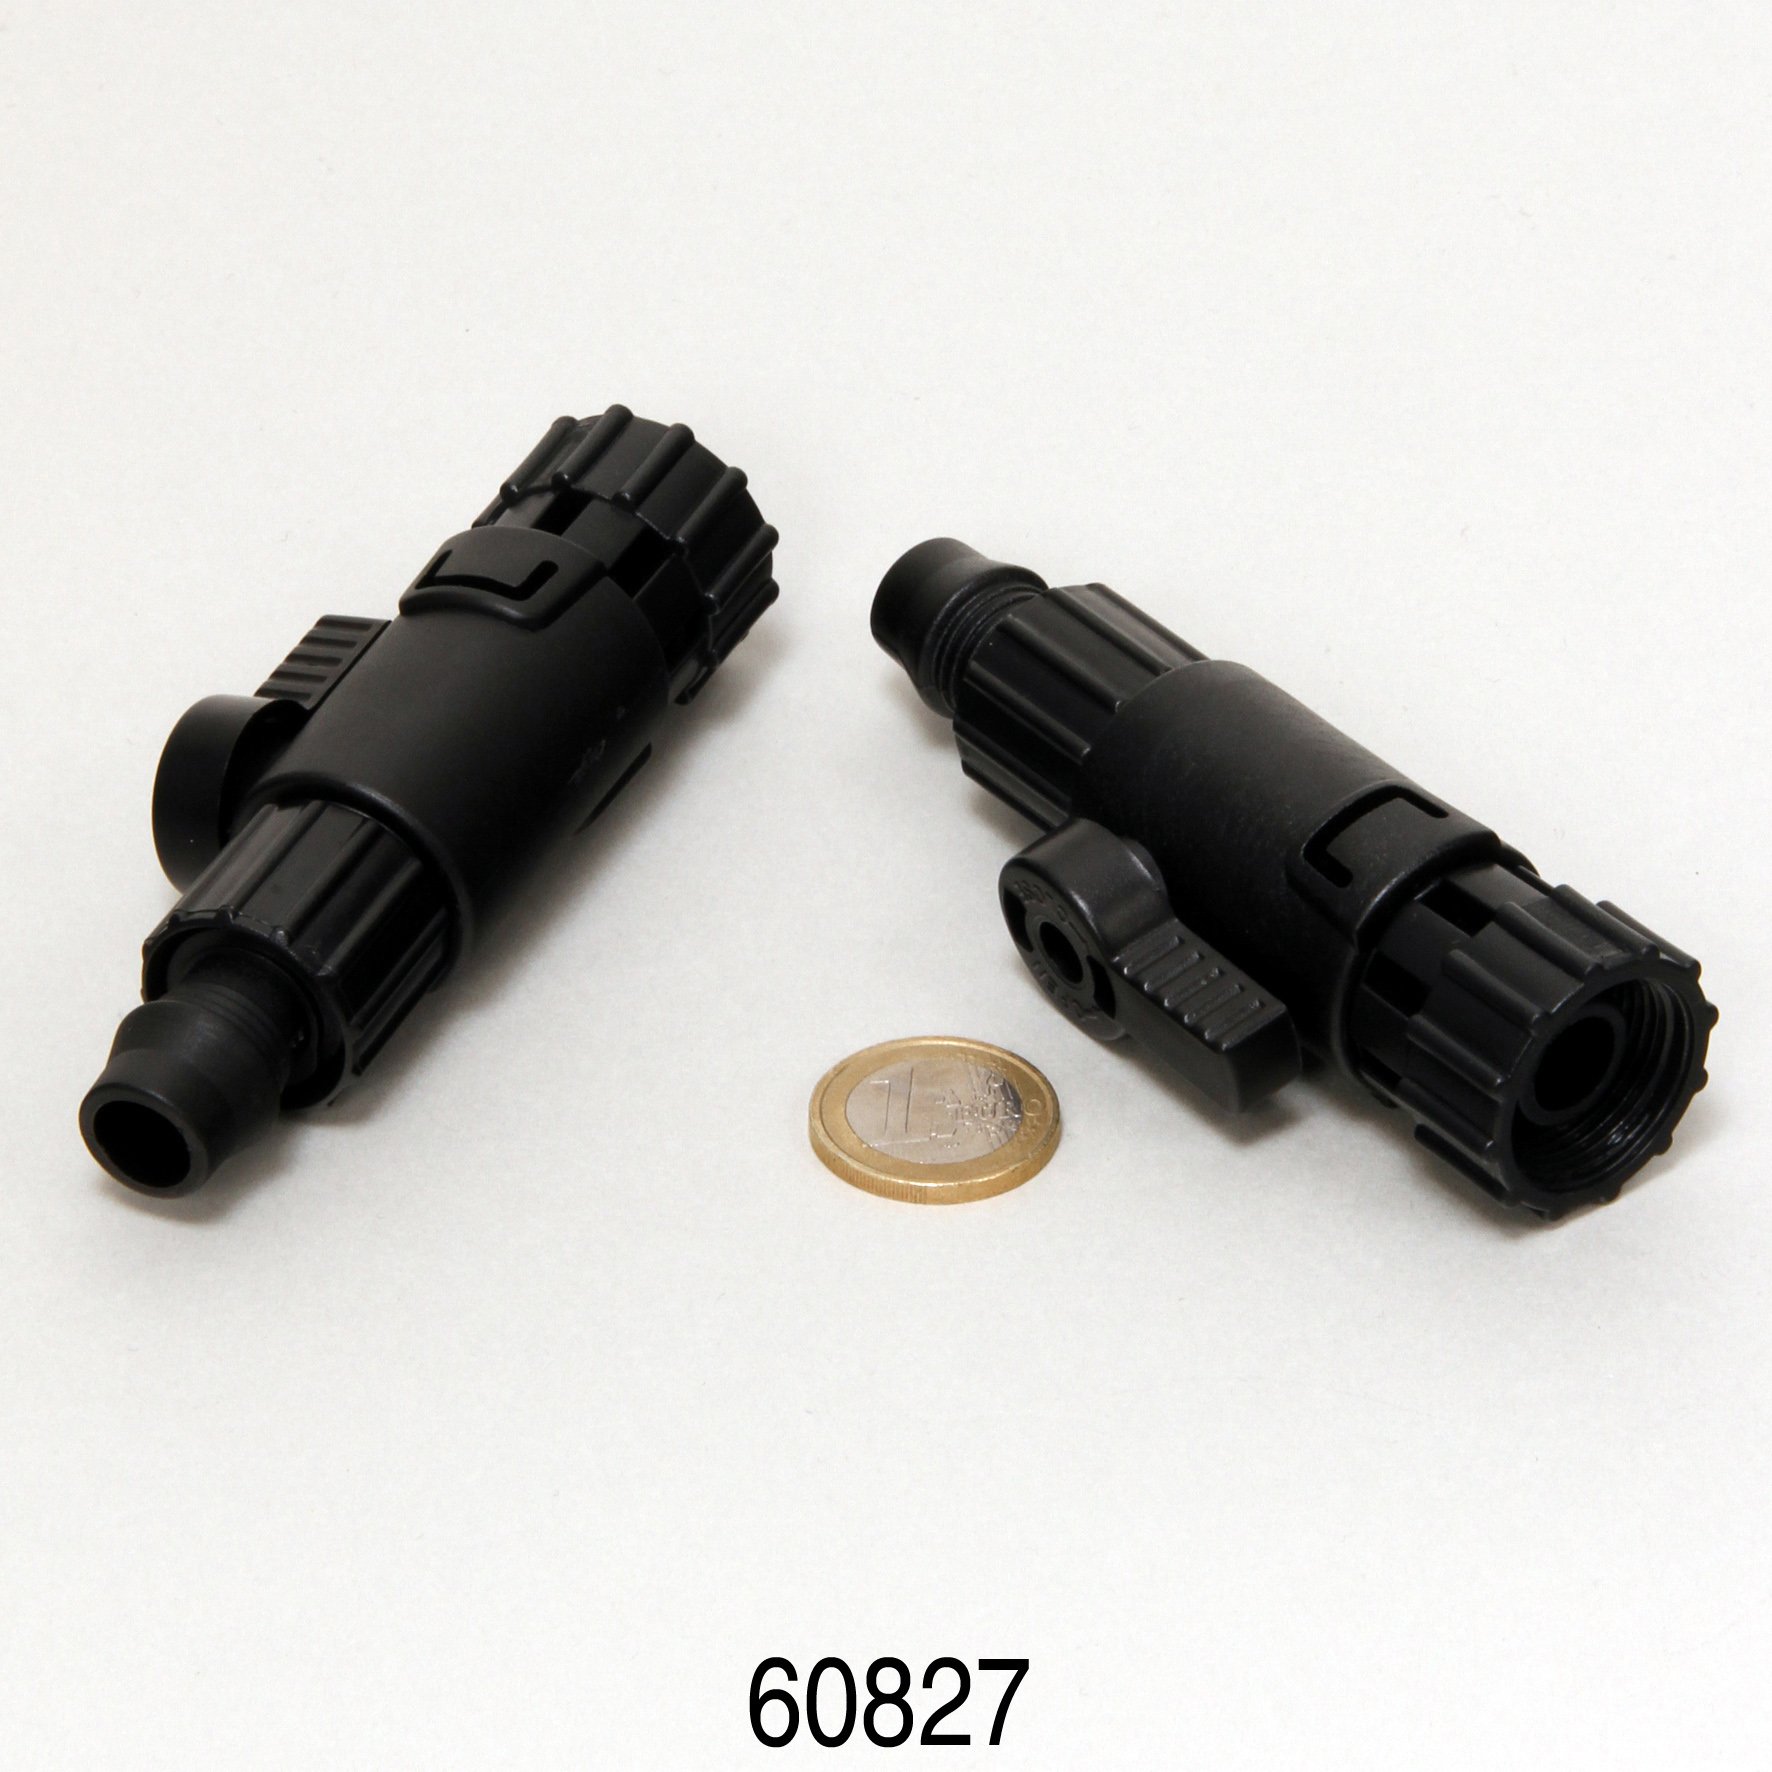 JBL Absperrhähne für PC 120/250, unser Angebot ist für einen Absperrhahn ausgelegt.